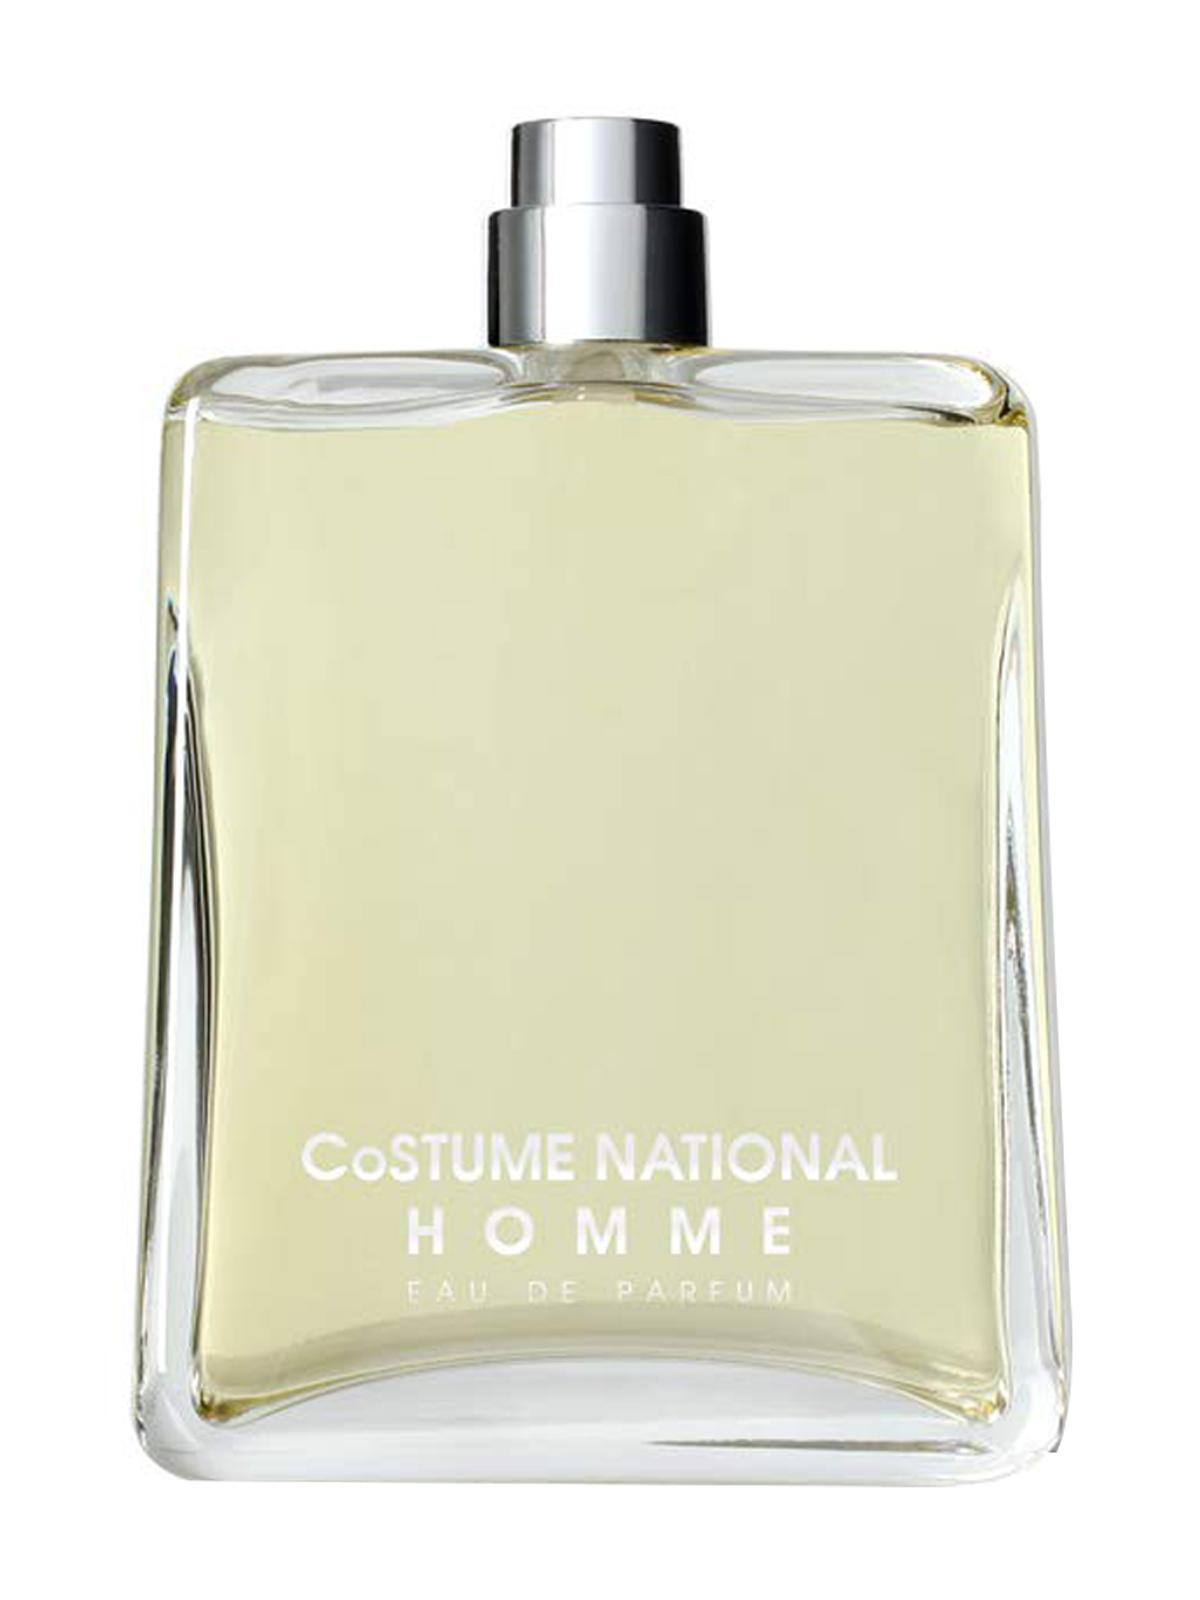 Costume National Homme for Men Eau De Parfum 100ml